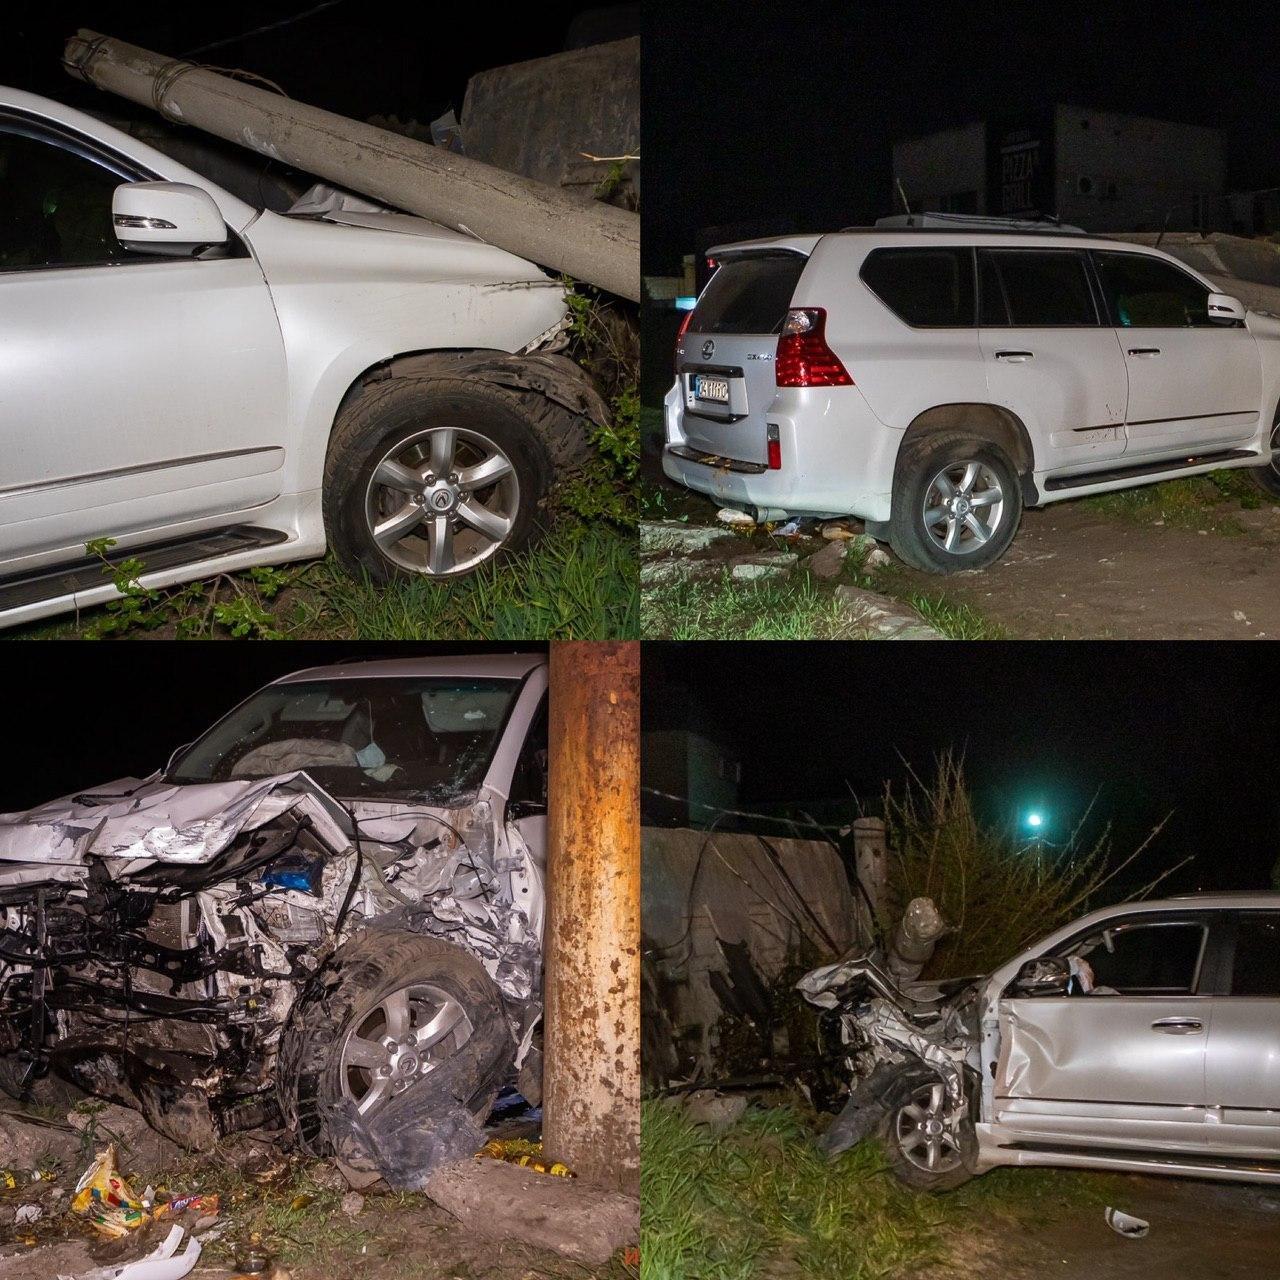 В Днепре водитель Lexus влетел в ограждение стоянки и повредил несколько авто, - ФОТО, фото-1